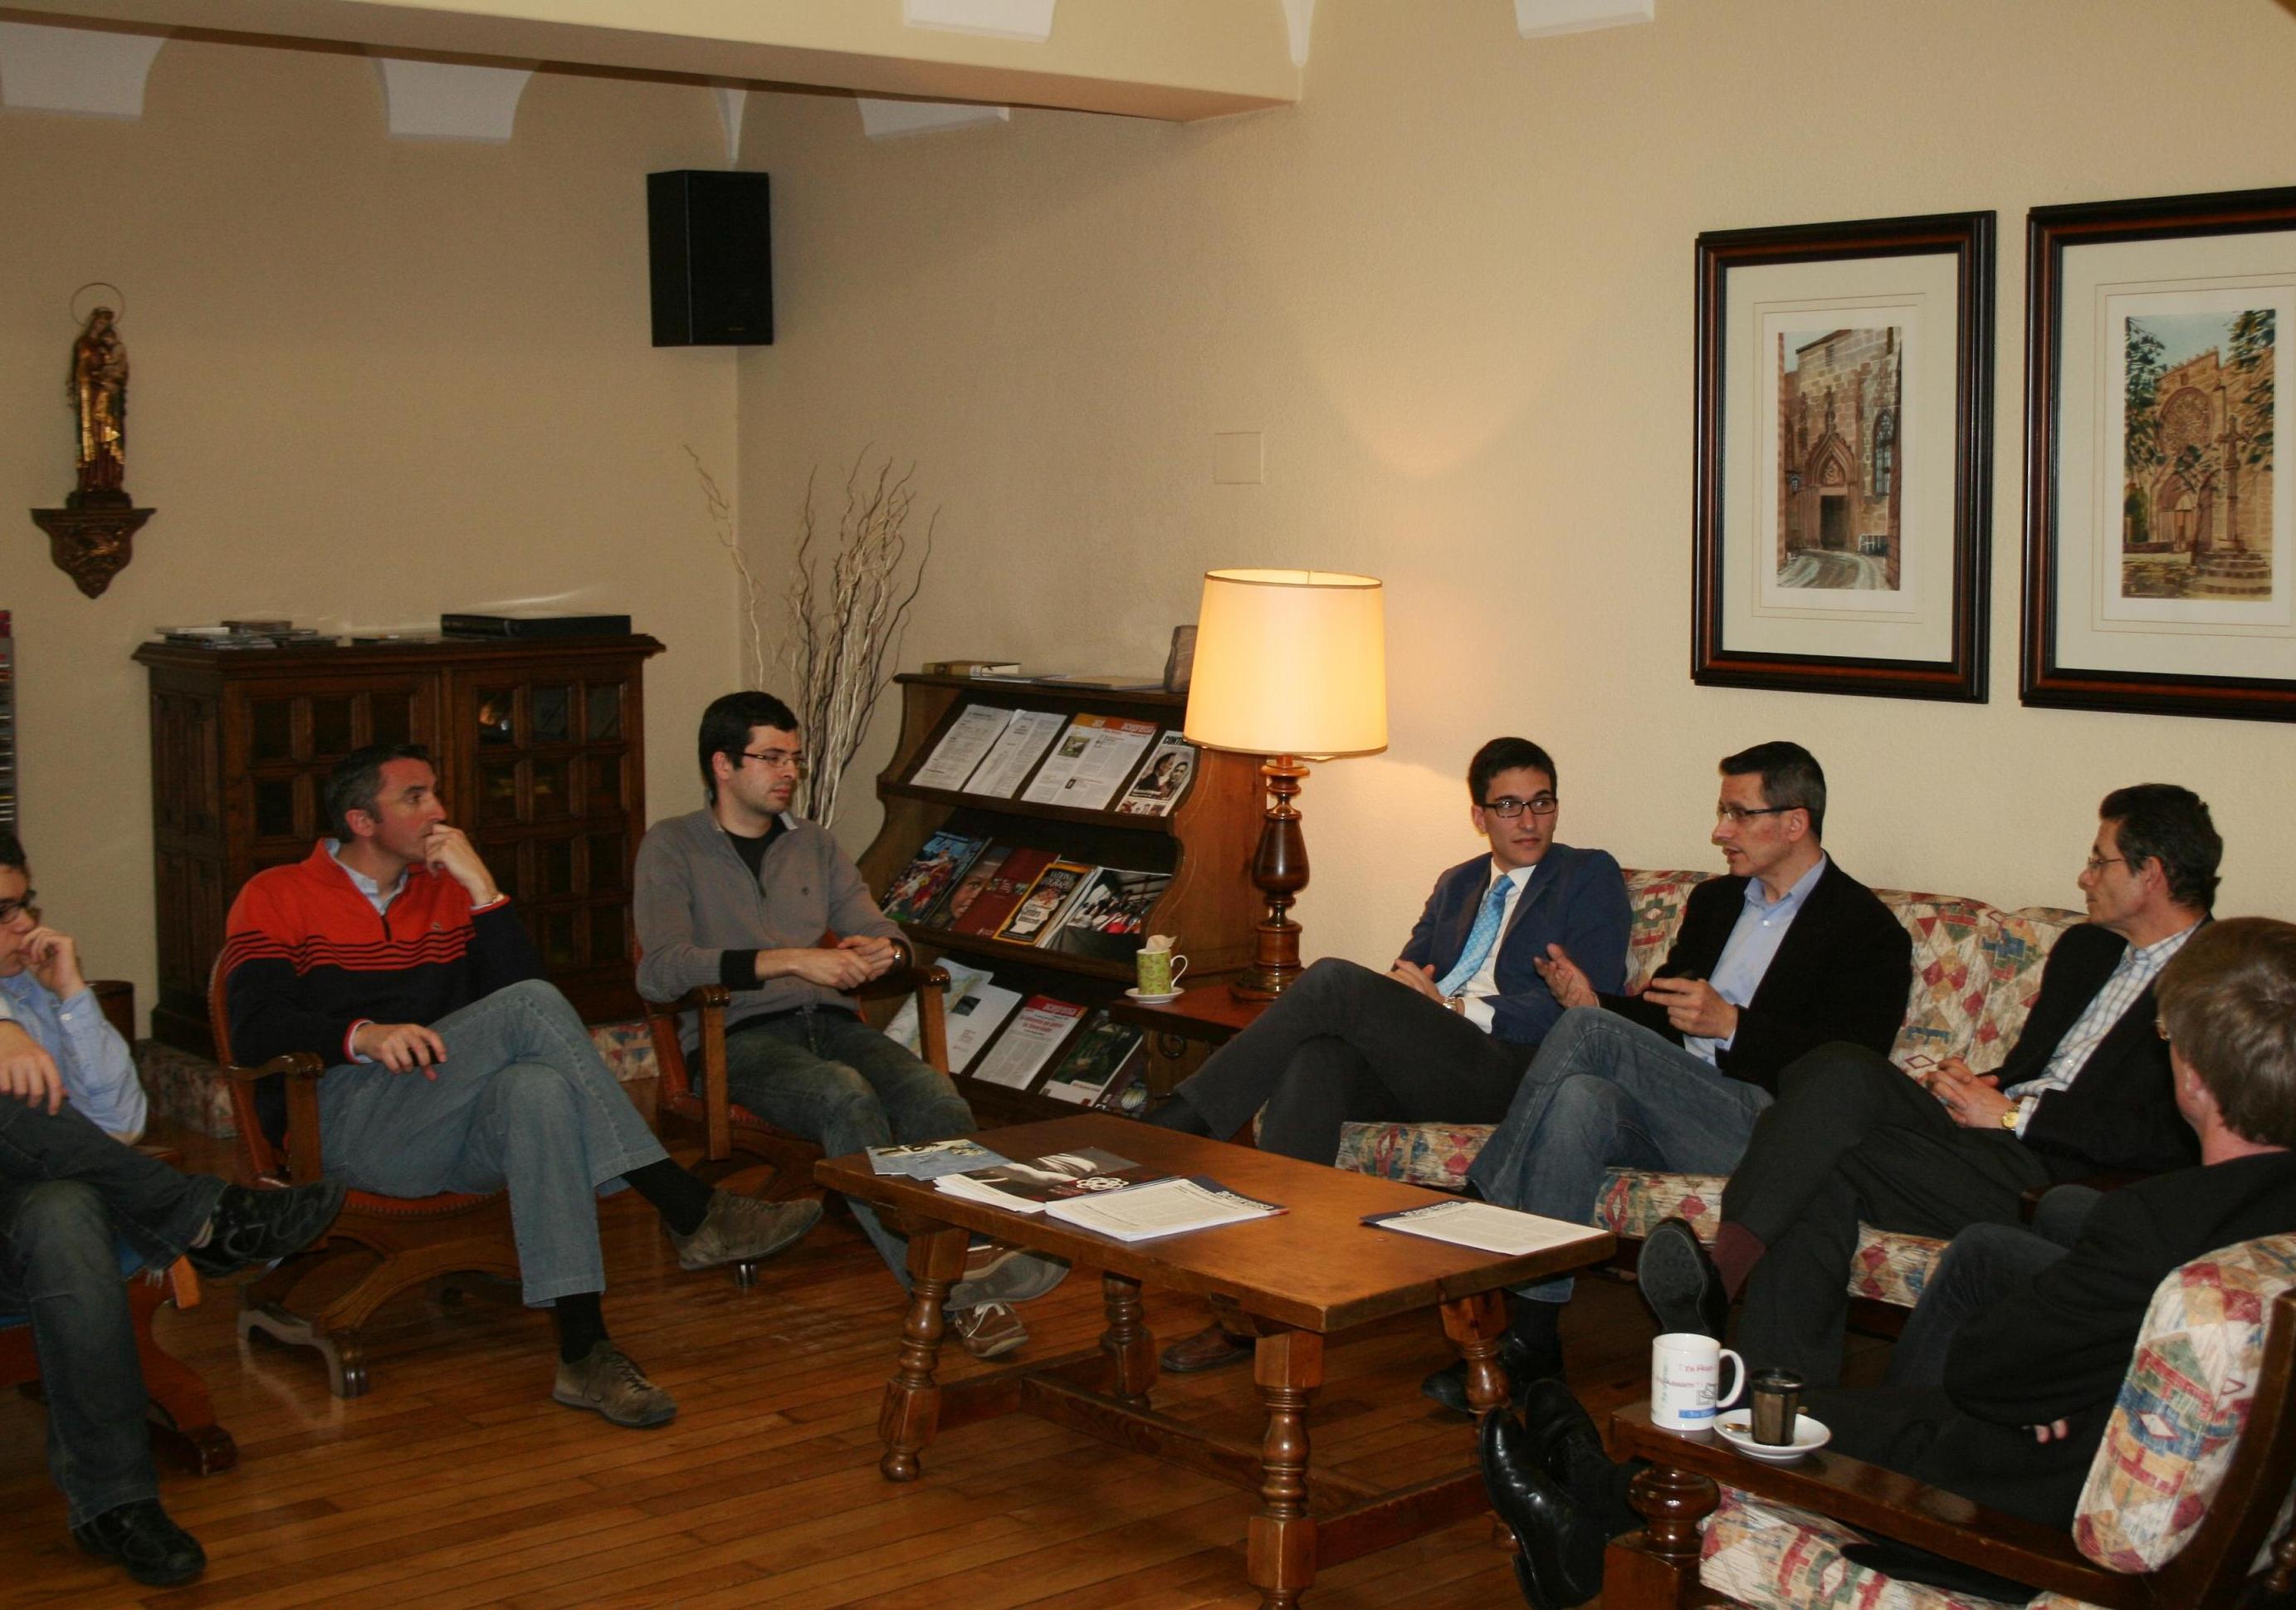 Tertulia del periodista y Director del Centro Territorial de TVE en Galicia Lois Docampo